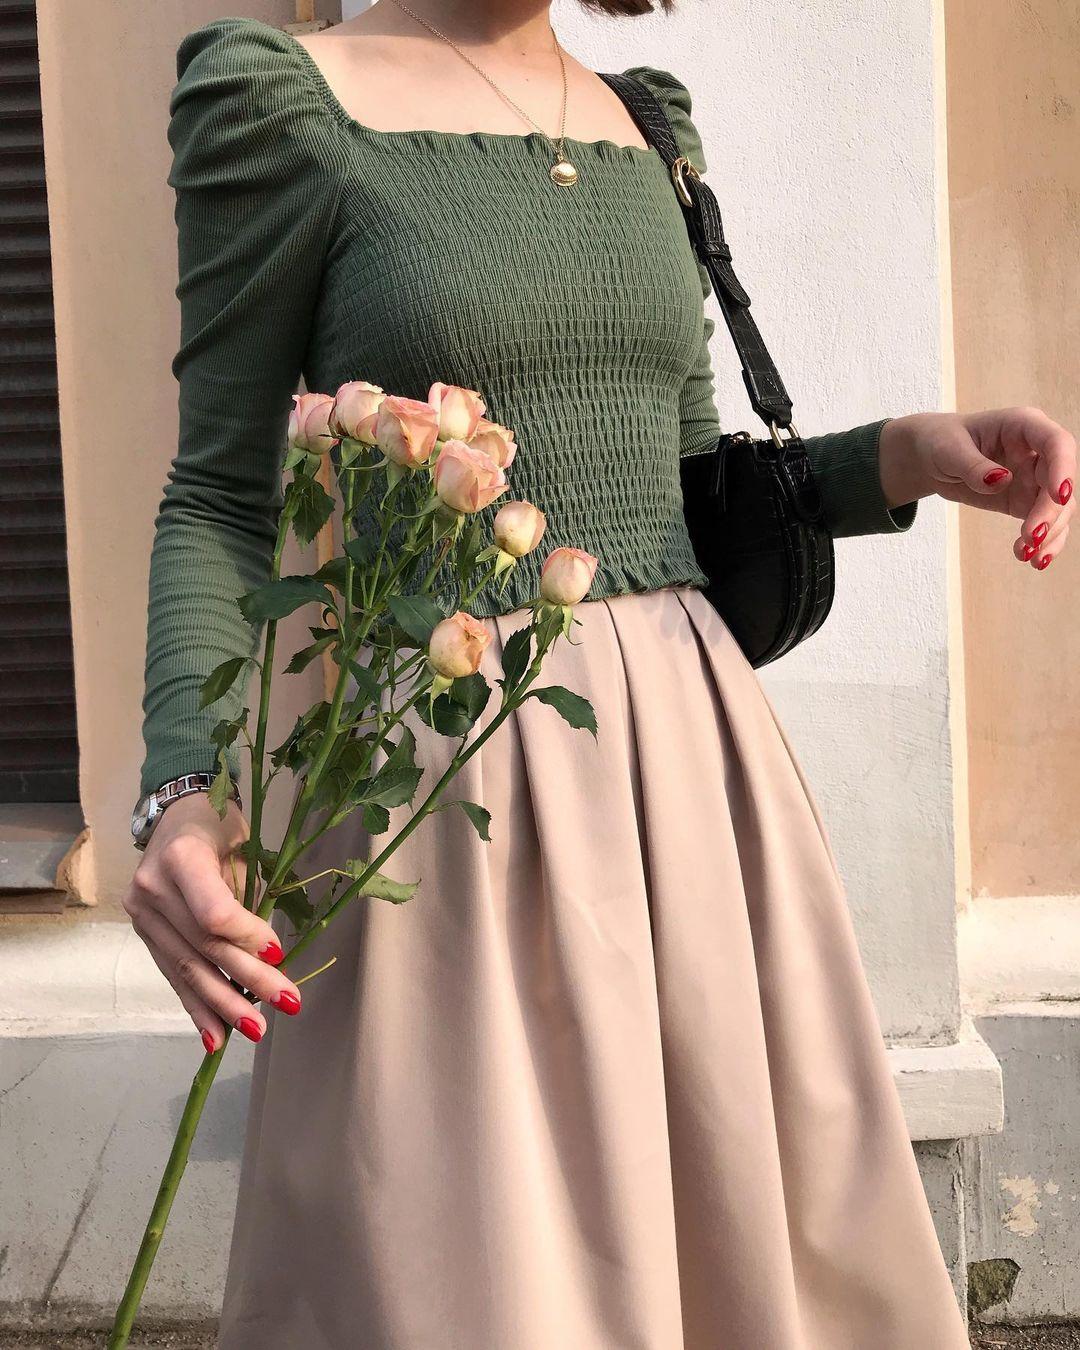 4 tips mặc đẹp tôn dáng từ cô nàng người Nga cao 1m50: Chỉ cần vài món chủ chốt là đủ cân hết các style - Ảnh 1